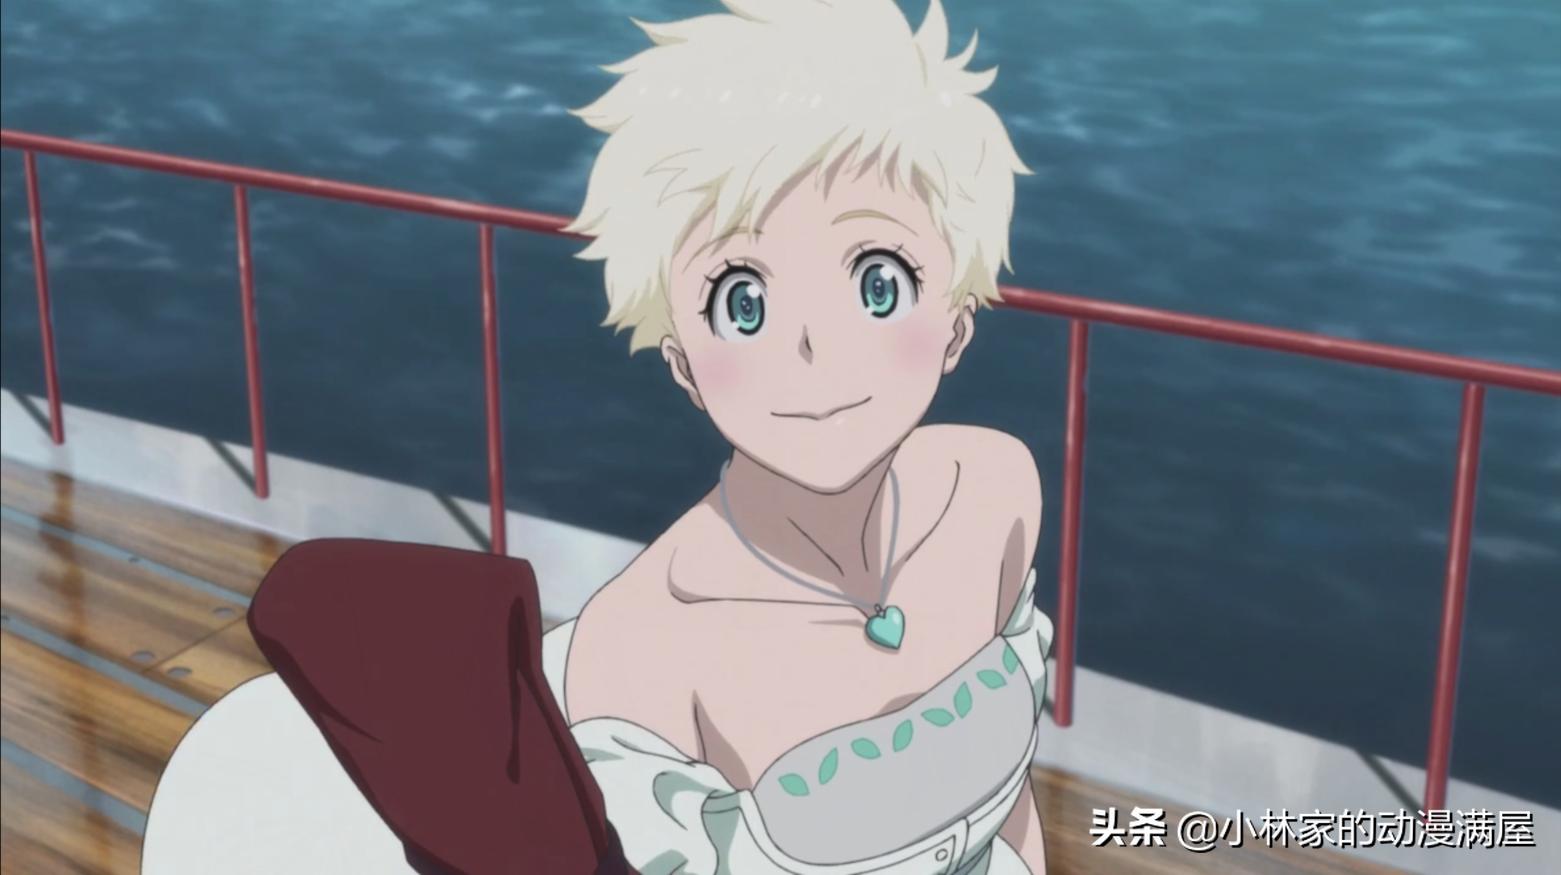 又是白毛少女?新番女主落難成為娼婦,被救後成為了女海賊王